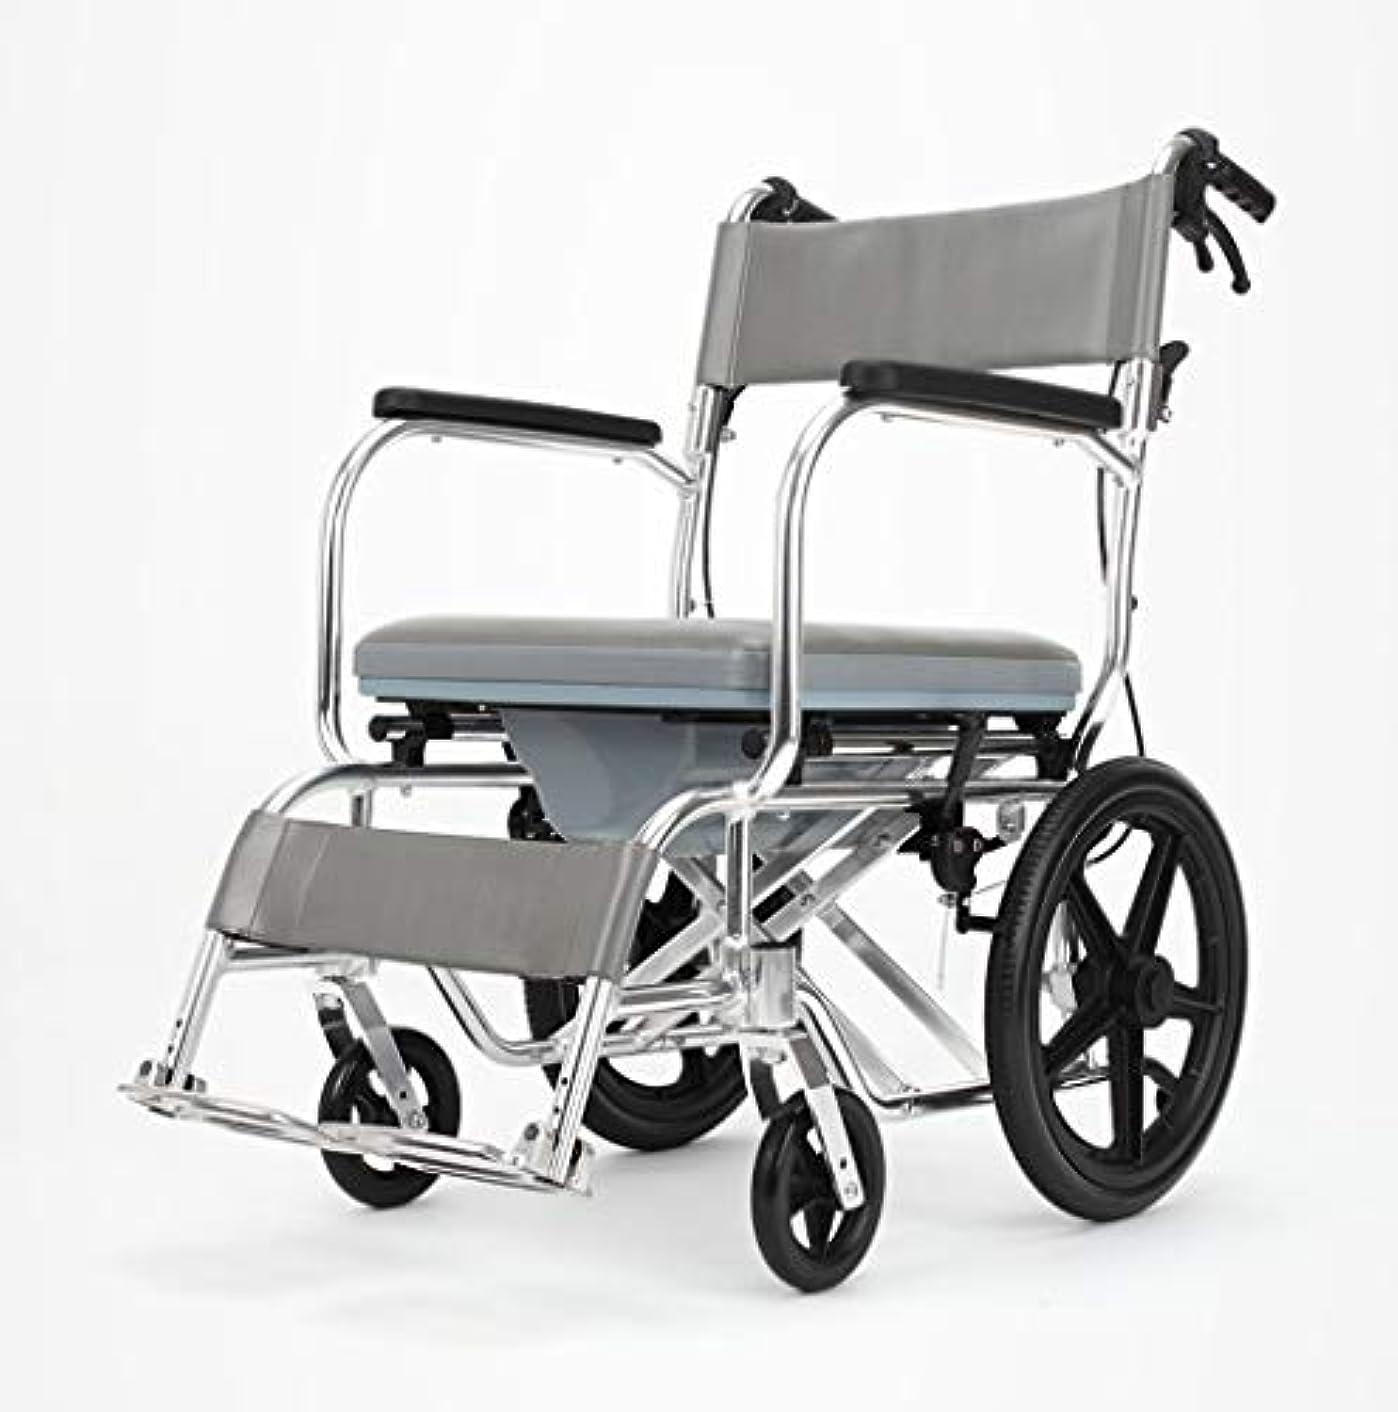 従順な暗唱するコインランドリー車椅子折りたたみ式多機能安全ケア、ブレーキ、ポータブルトロリー、身体障害者用屋外車椅子